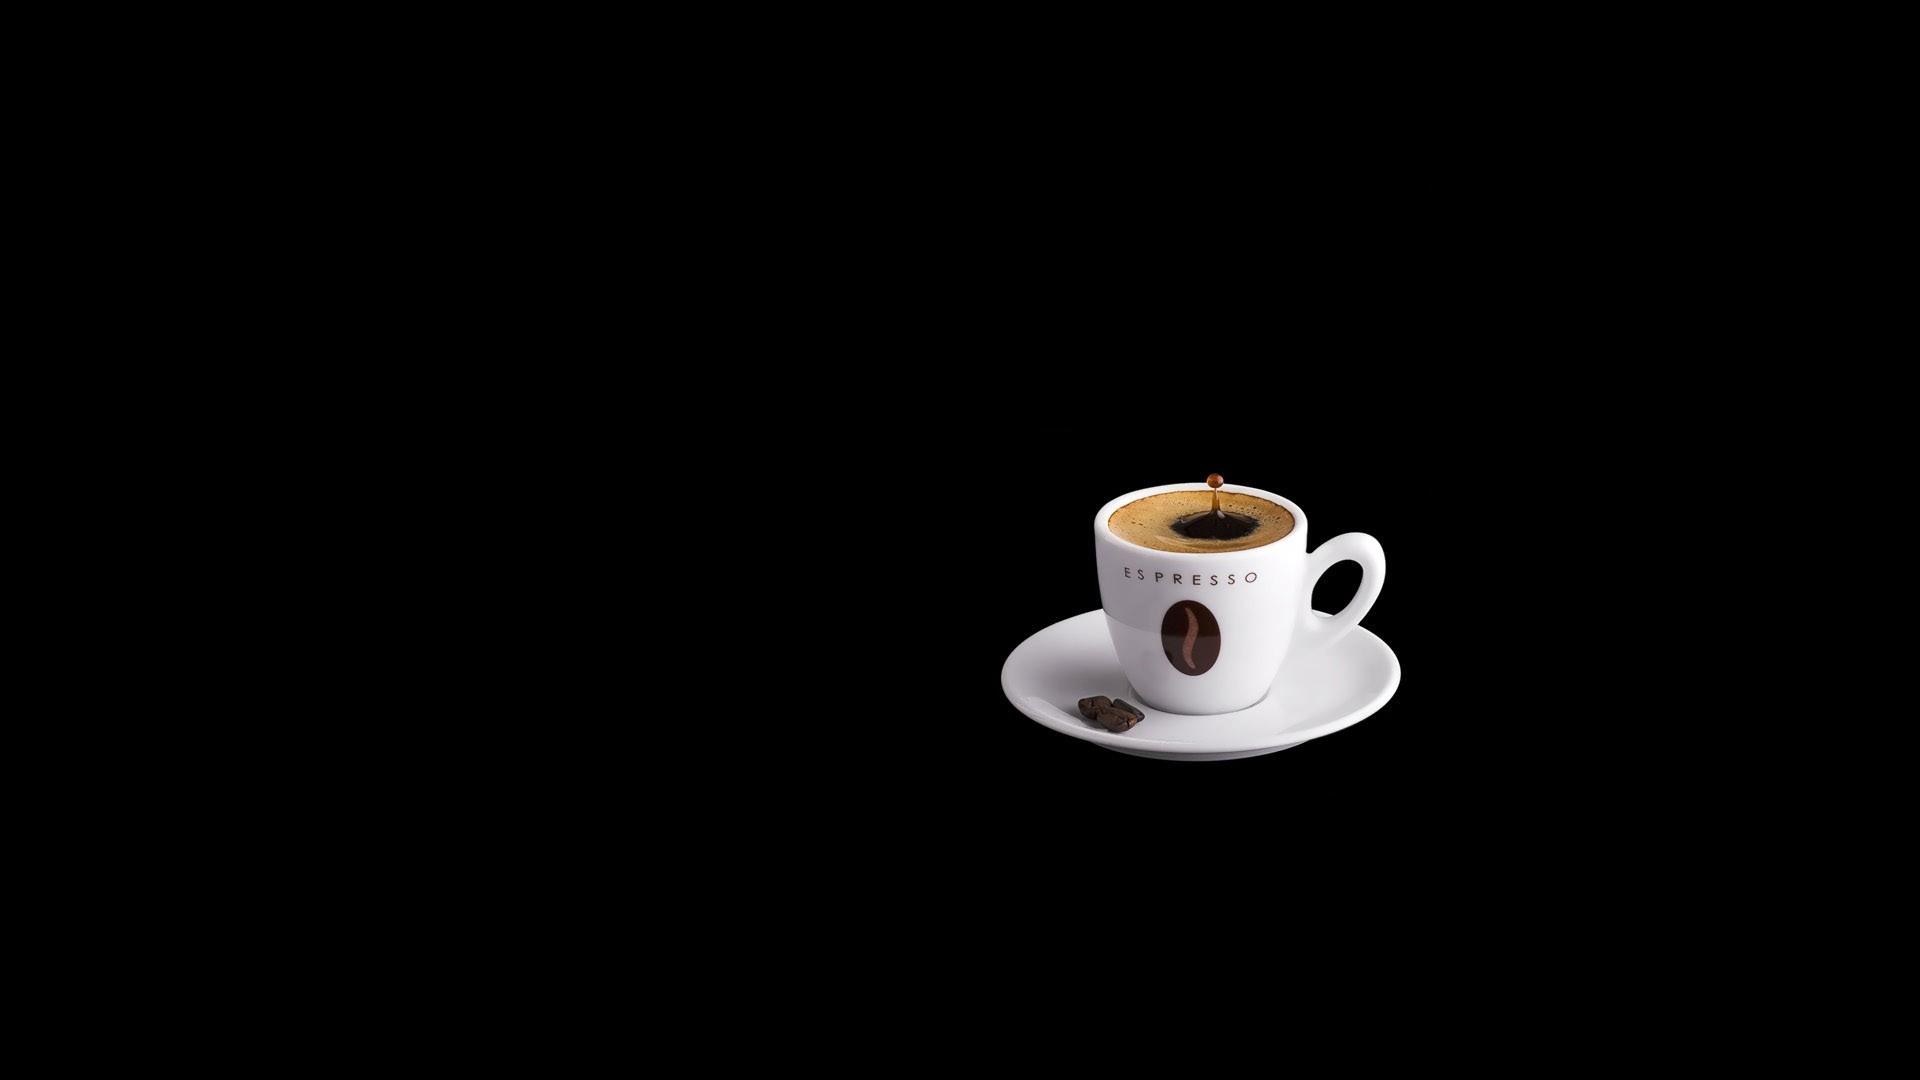 Café: ¿Qué tan poco saludable es realmente?